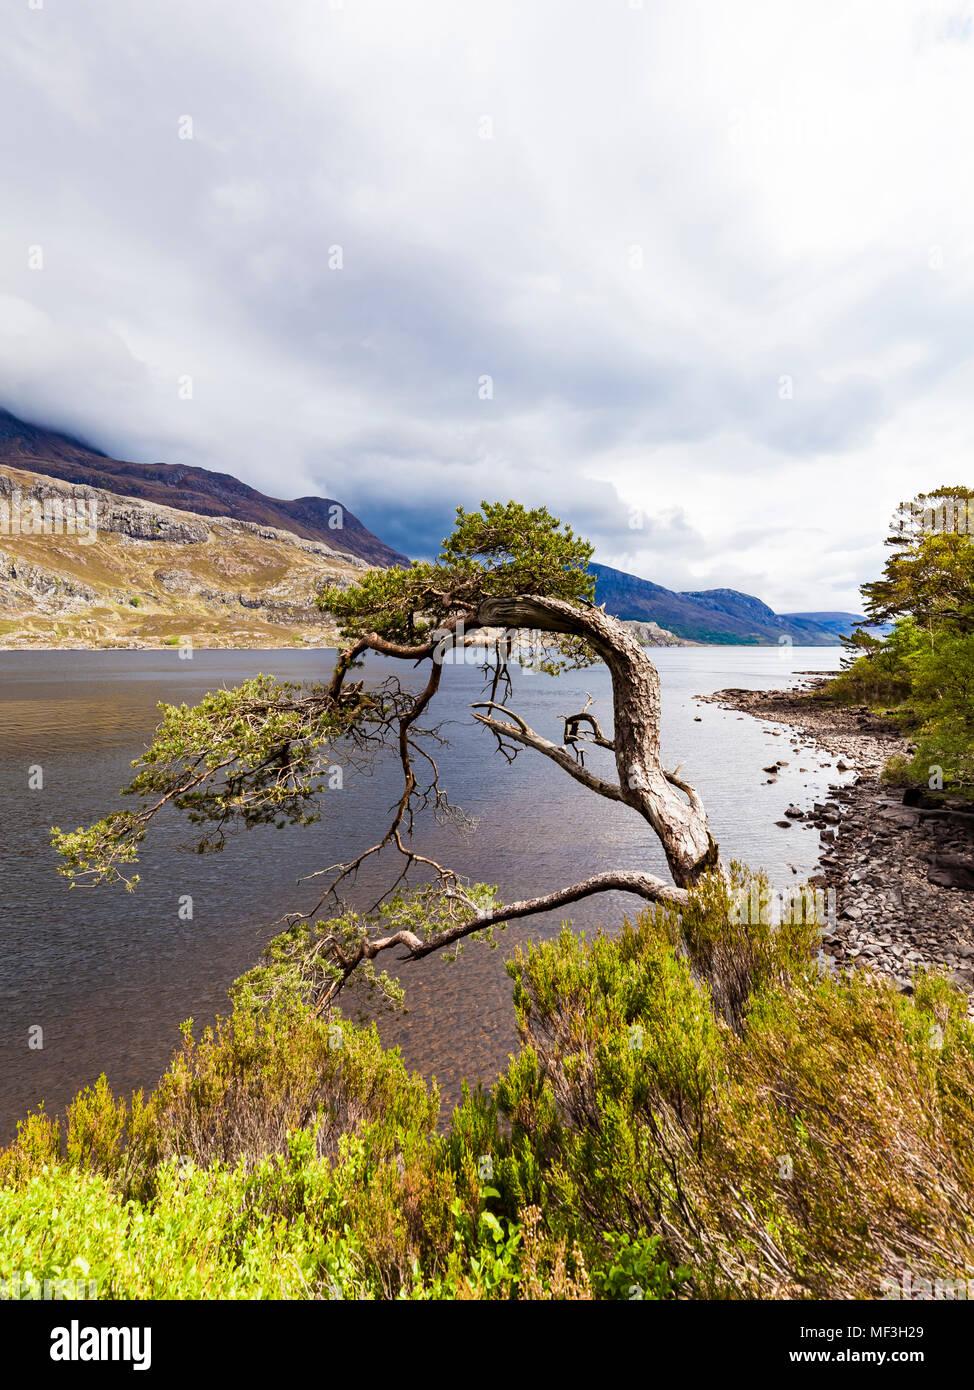 United Kingdom, Scotland, Highland, Loch Maree, freshwater lake - Stock Image